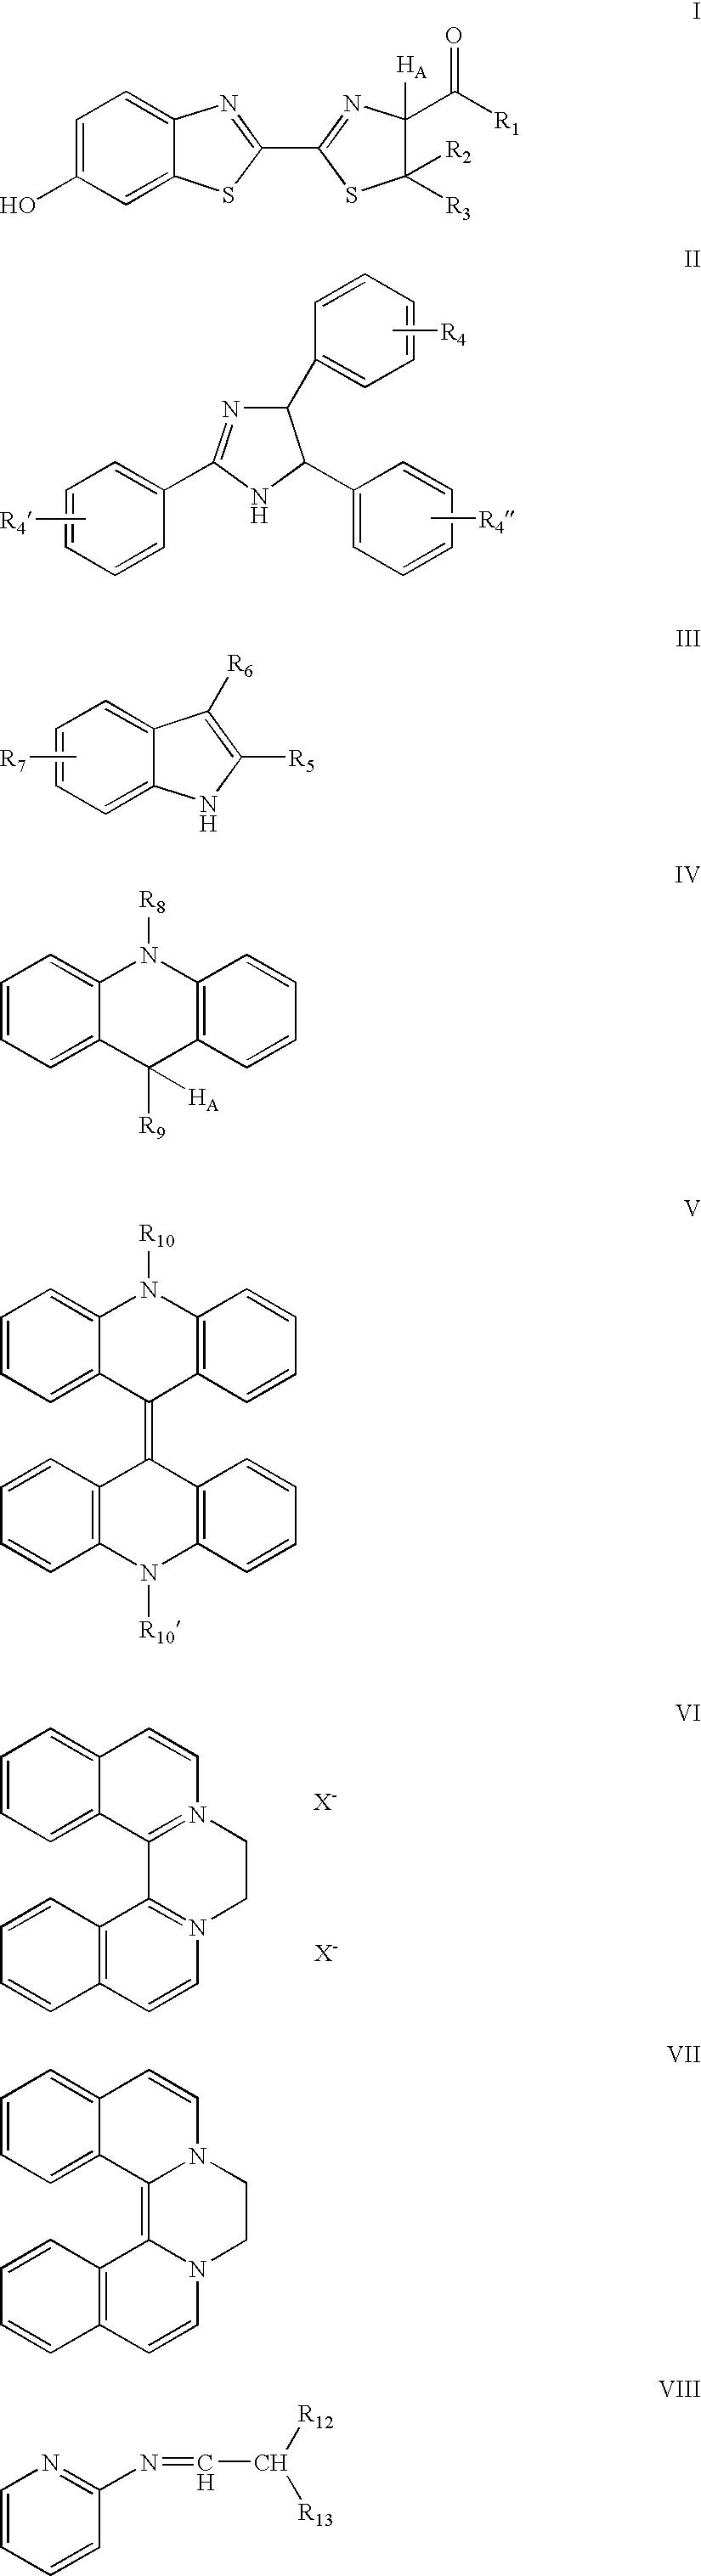 Figure US20070079722A1-20070412-C00001